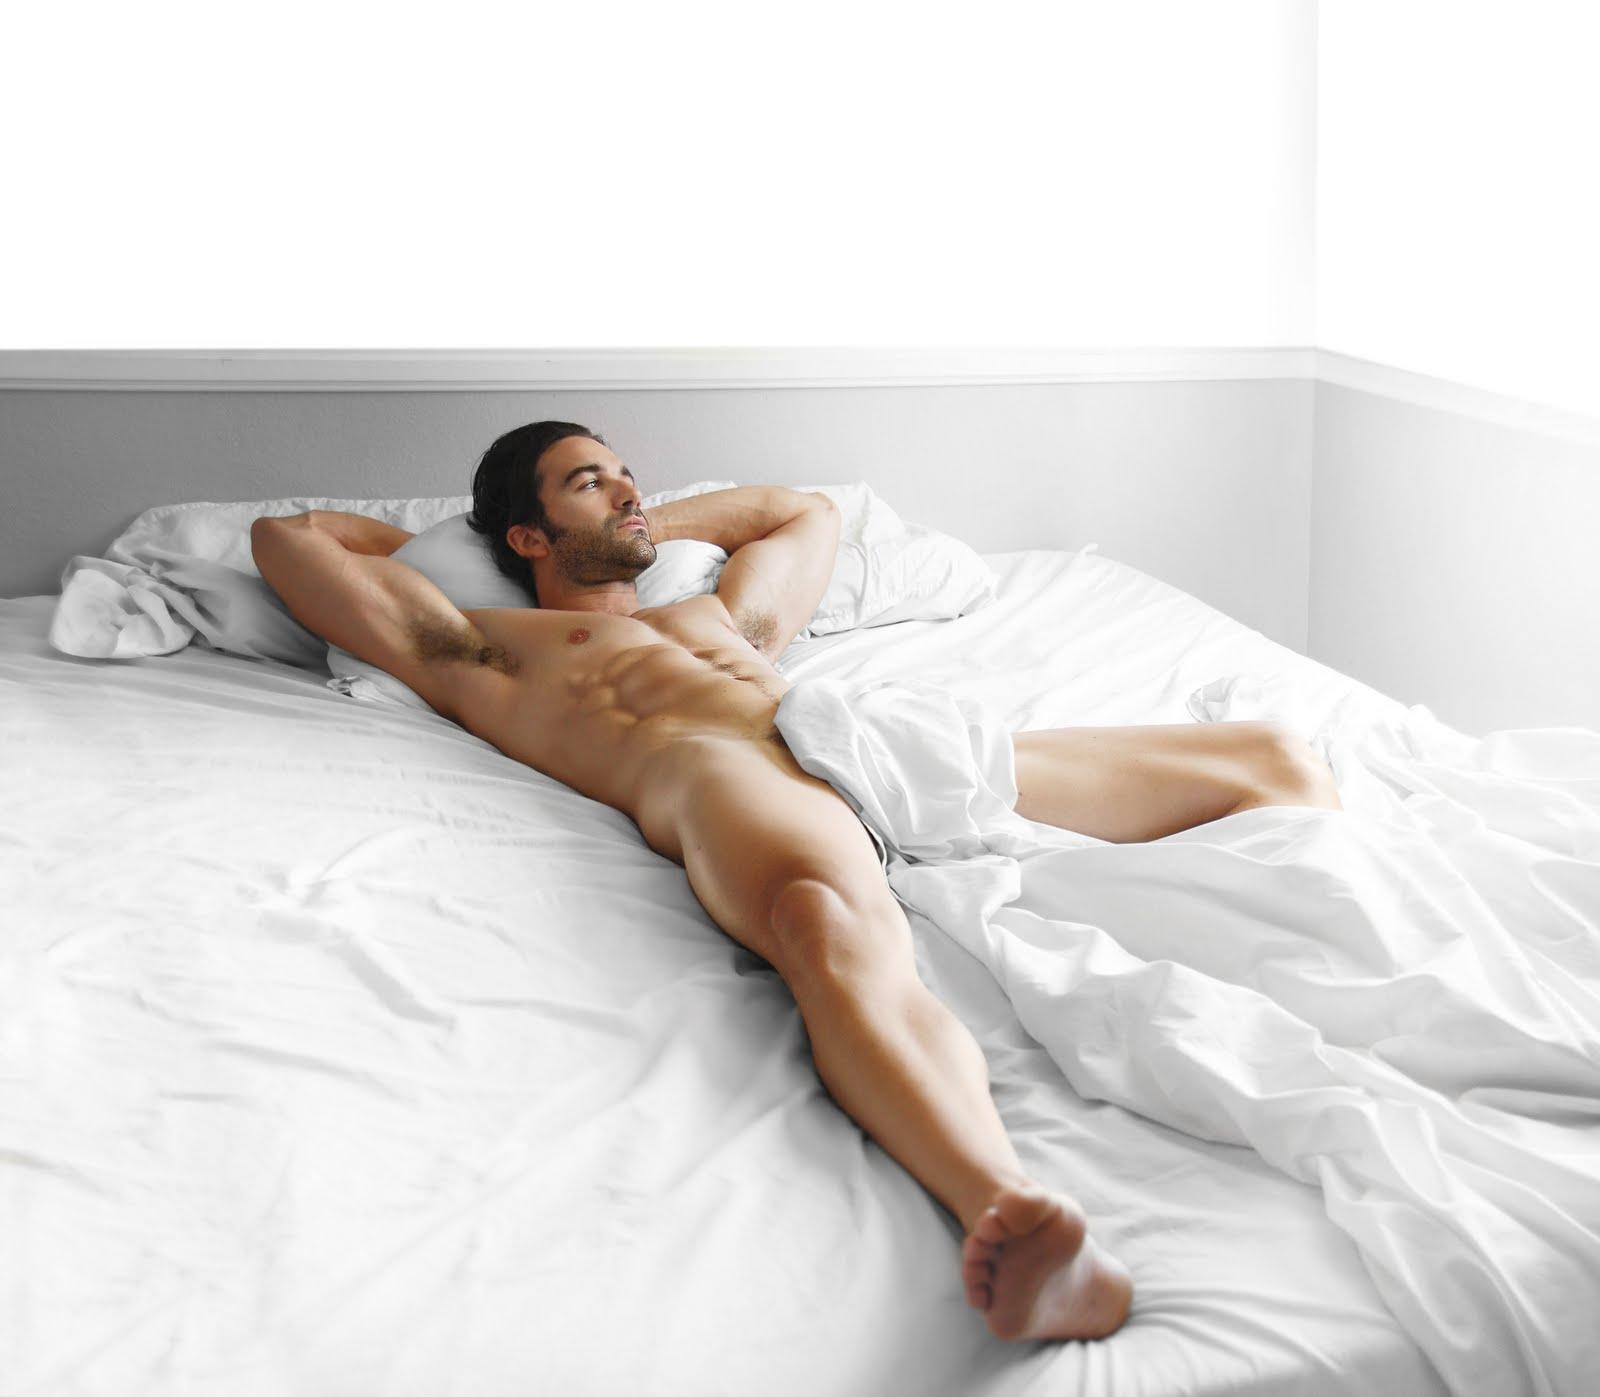 imagenes de hombres sin nada de ropa - Fotos De Hombres Banandose Sin Nada De Ropa Gran